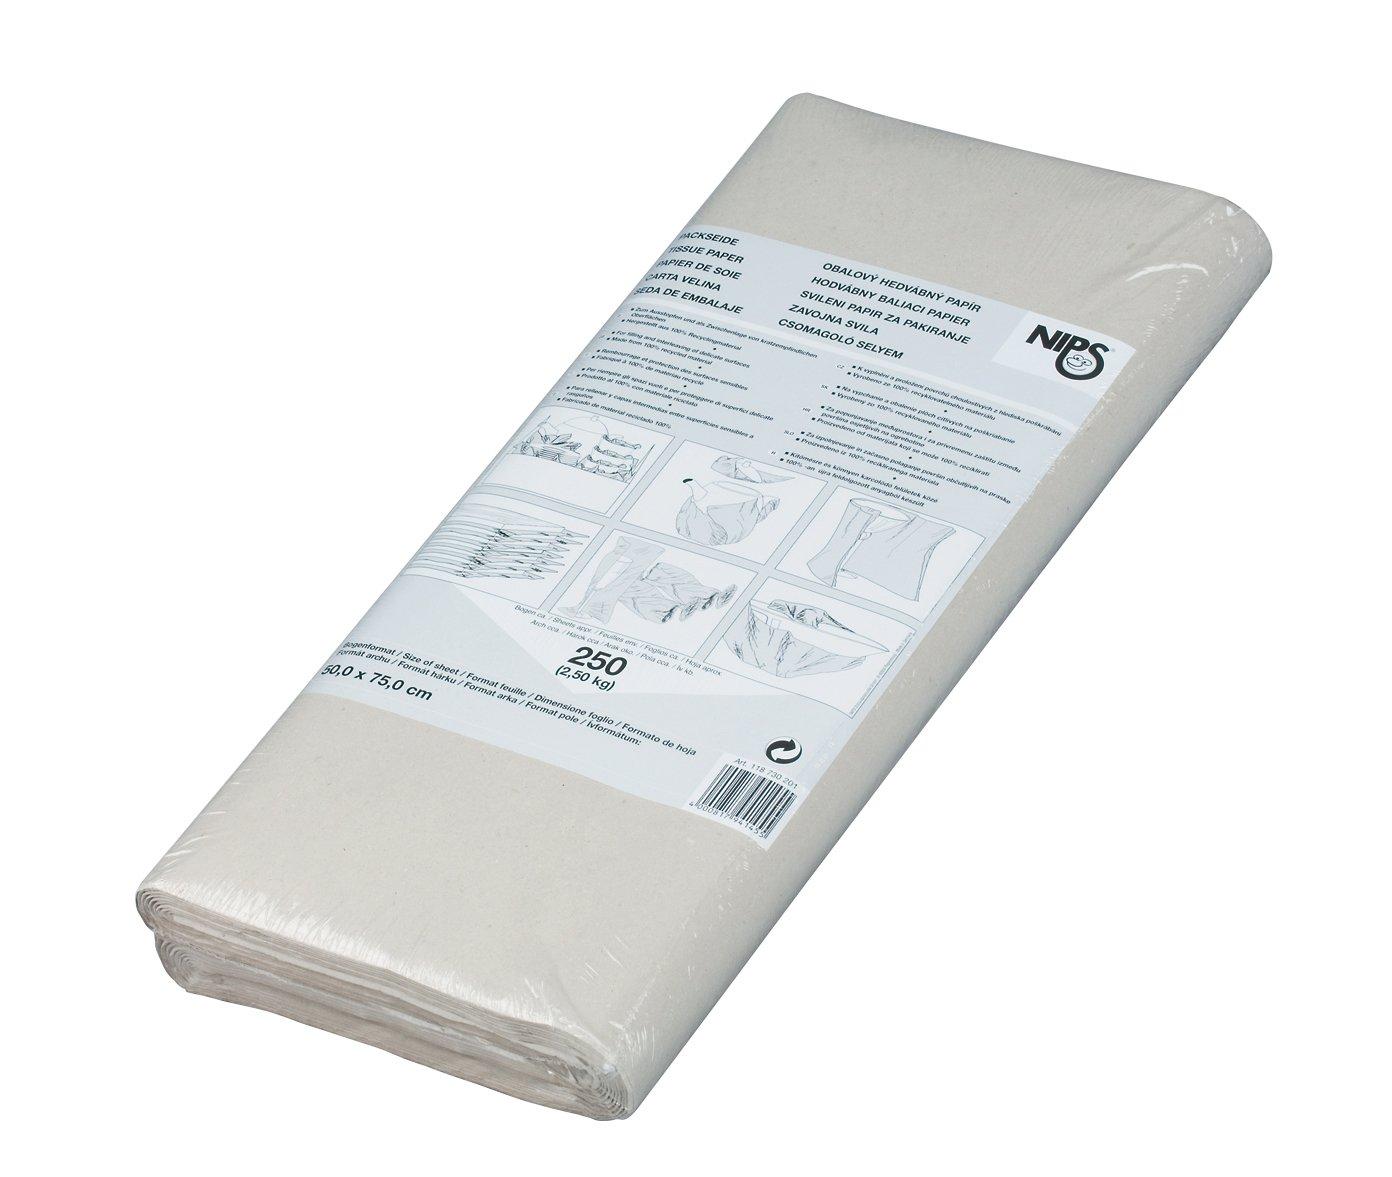 Nips - Carta velina riciclata per imballaggio, 2,5 kg, 50 x 75 cm, confezione da 250 fogli, colore: Grigio 118725201